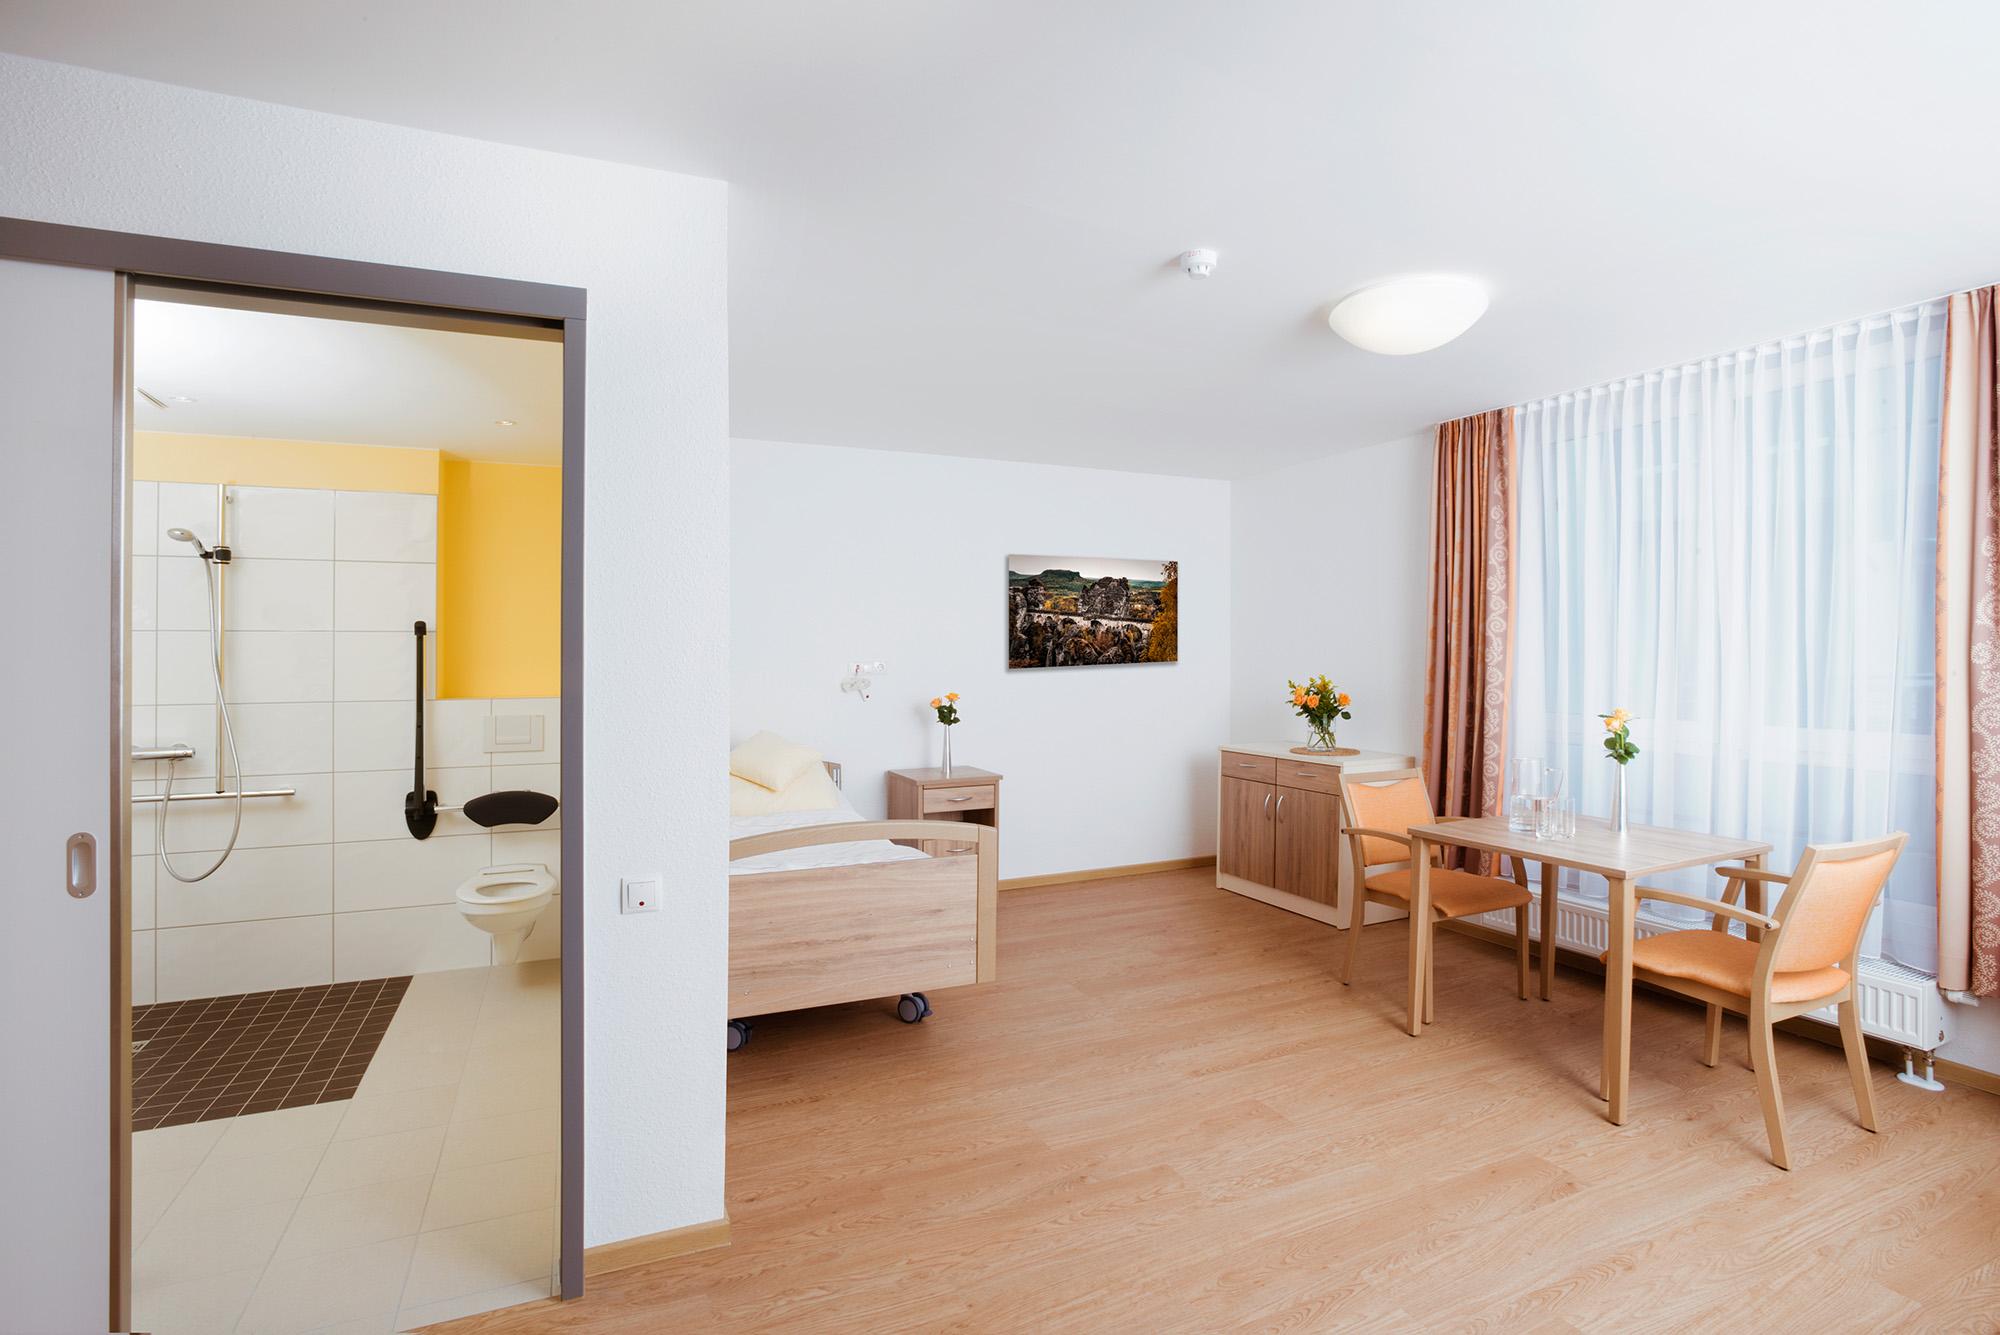 Mein Zuhause Nienburg – PERFEKTA Pflege